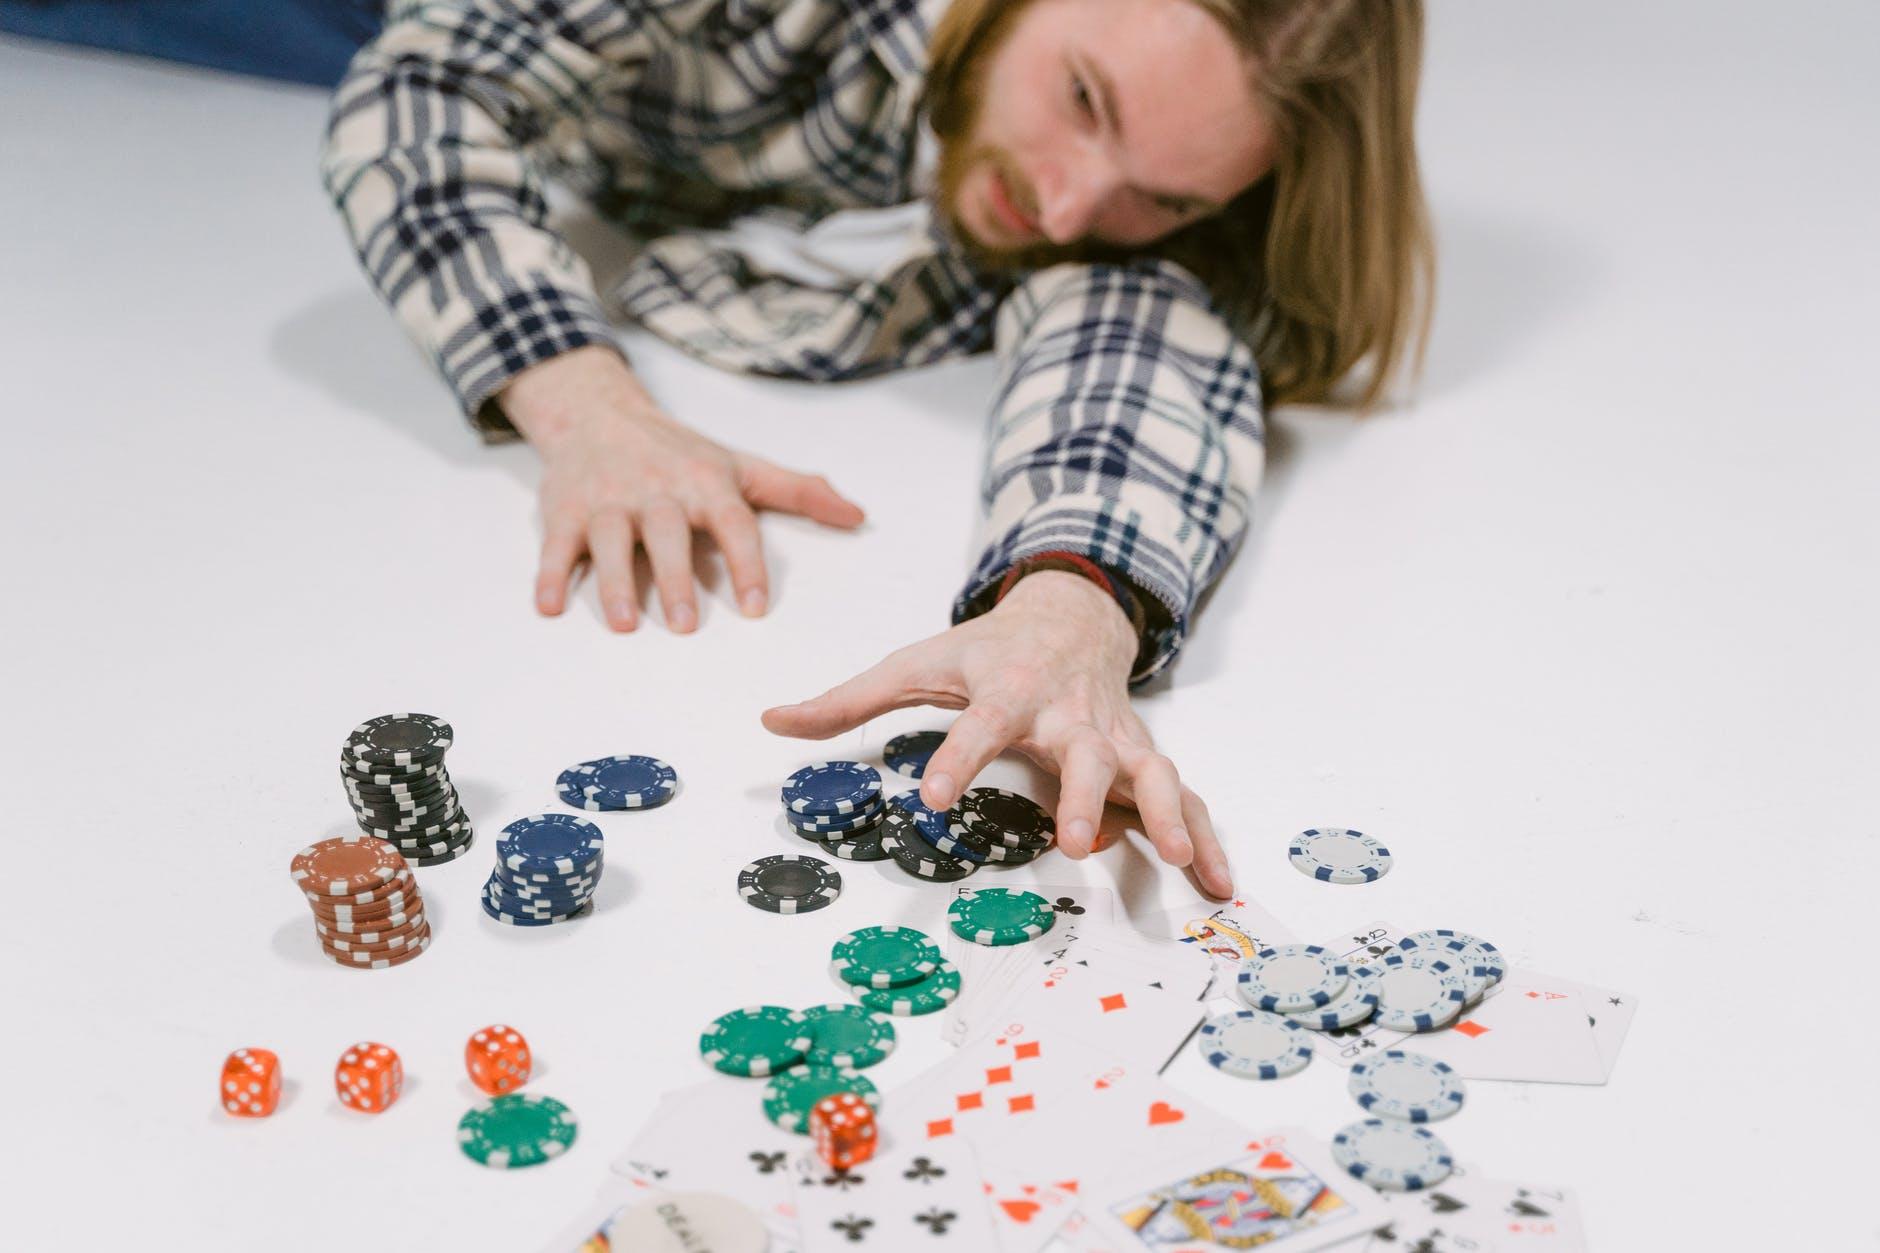 打線上麻將該怎麼贏牌  ?  不想老是輸牌輸到底 !